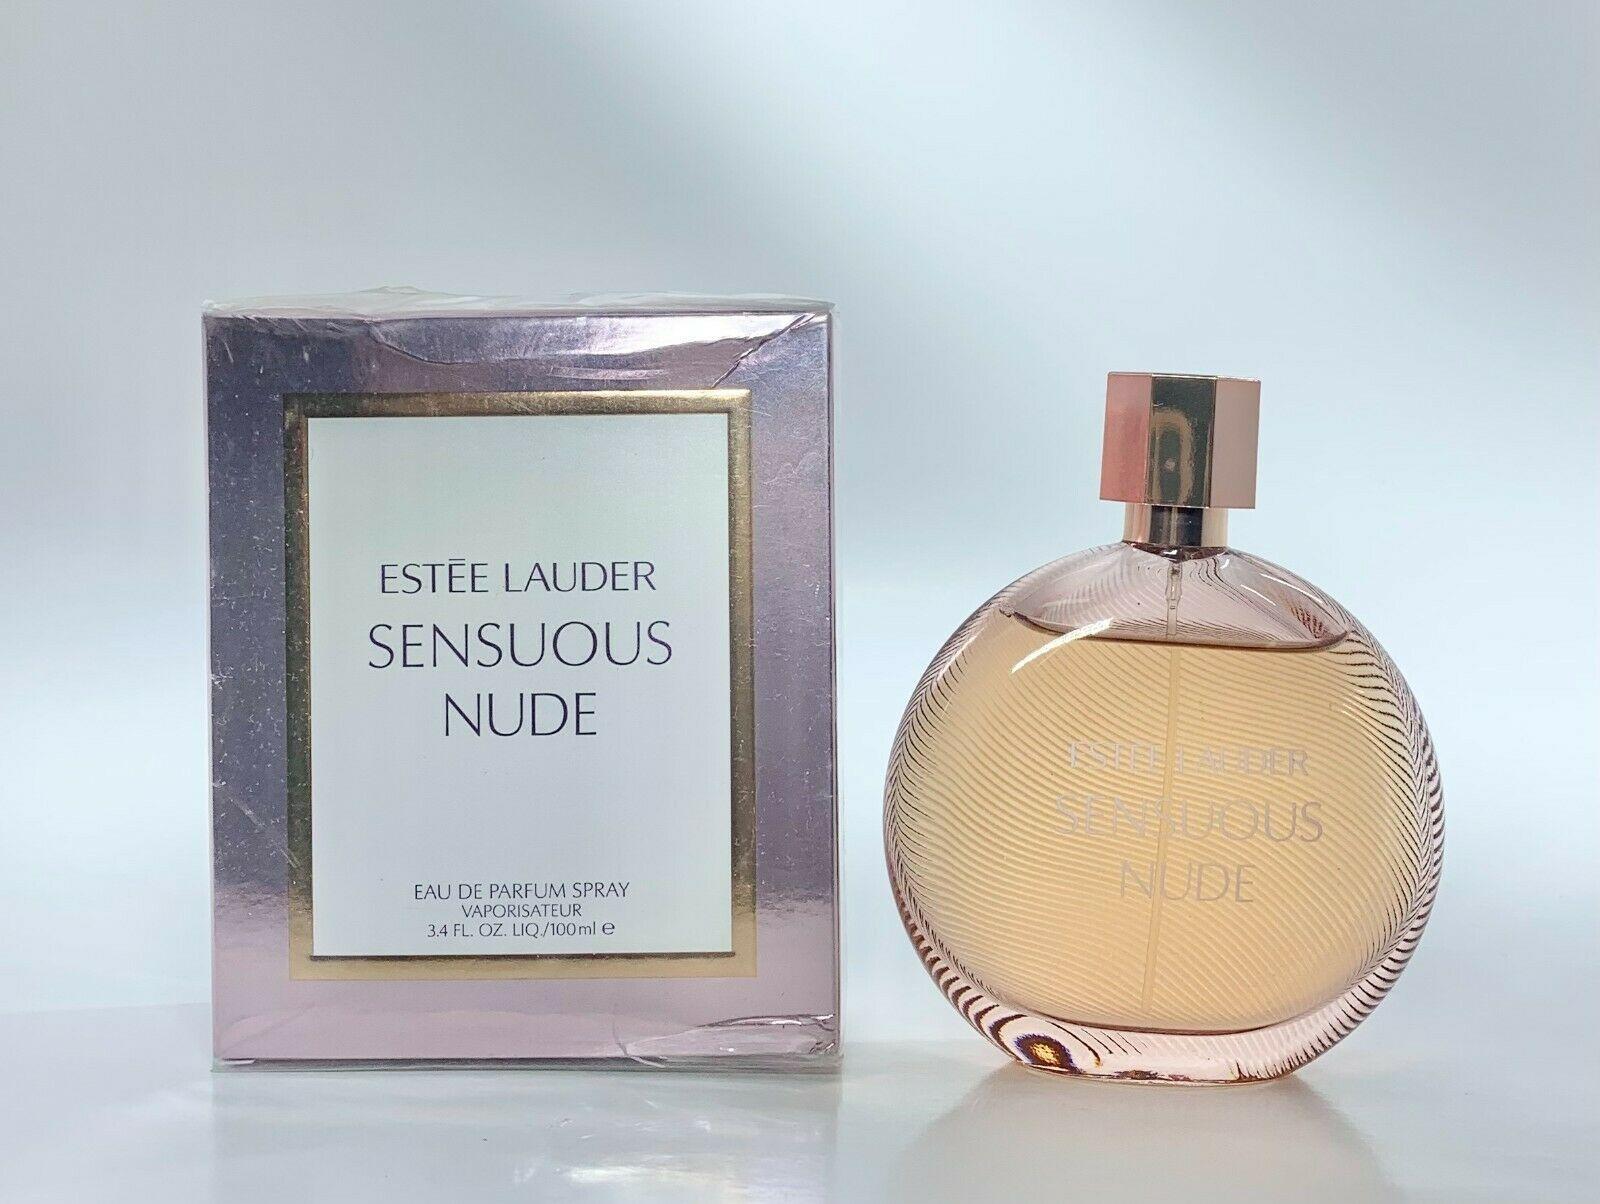 Aaaaaaaaaestee lauder sensous nude 3.4 oz perfume